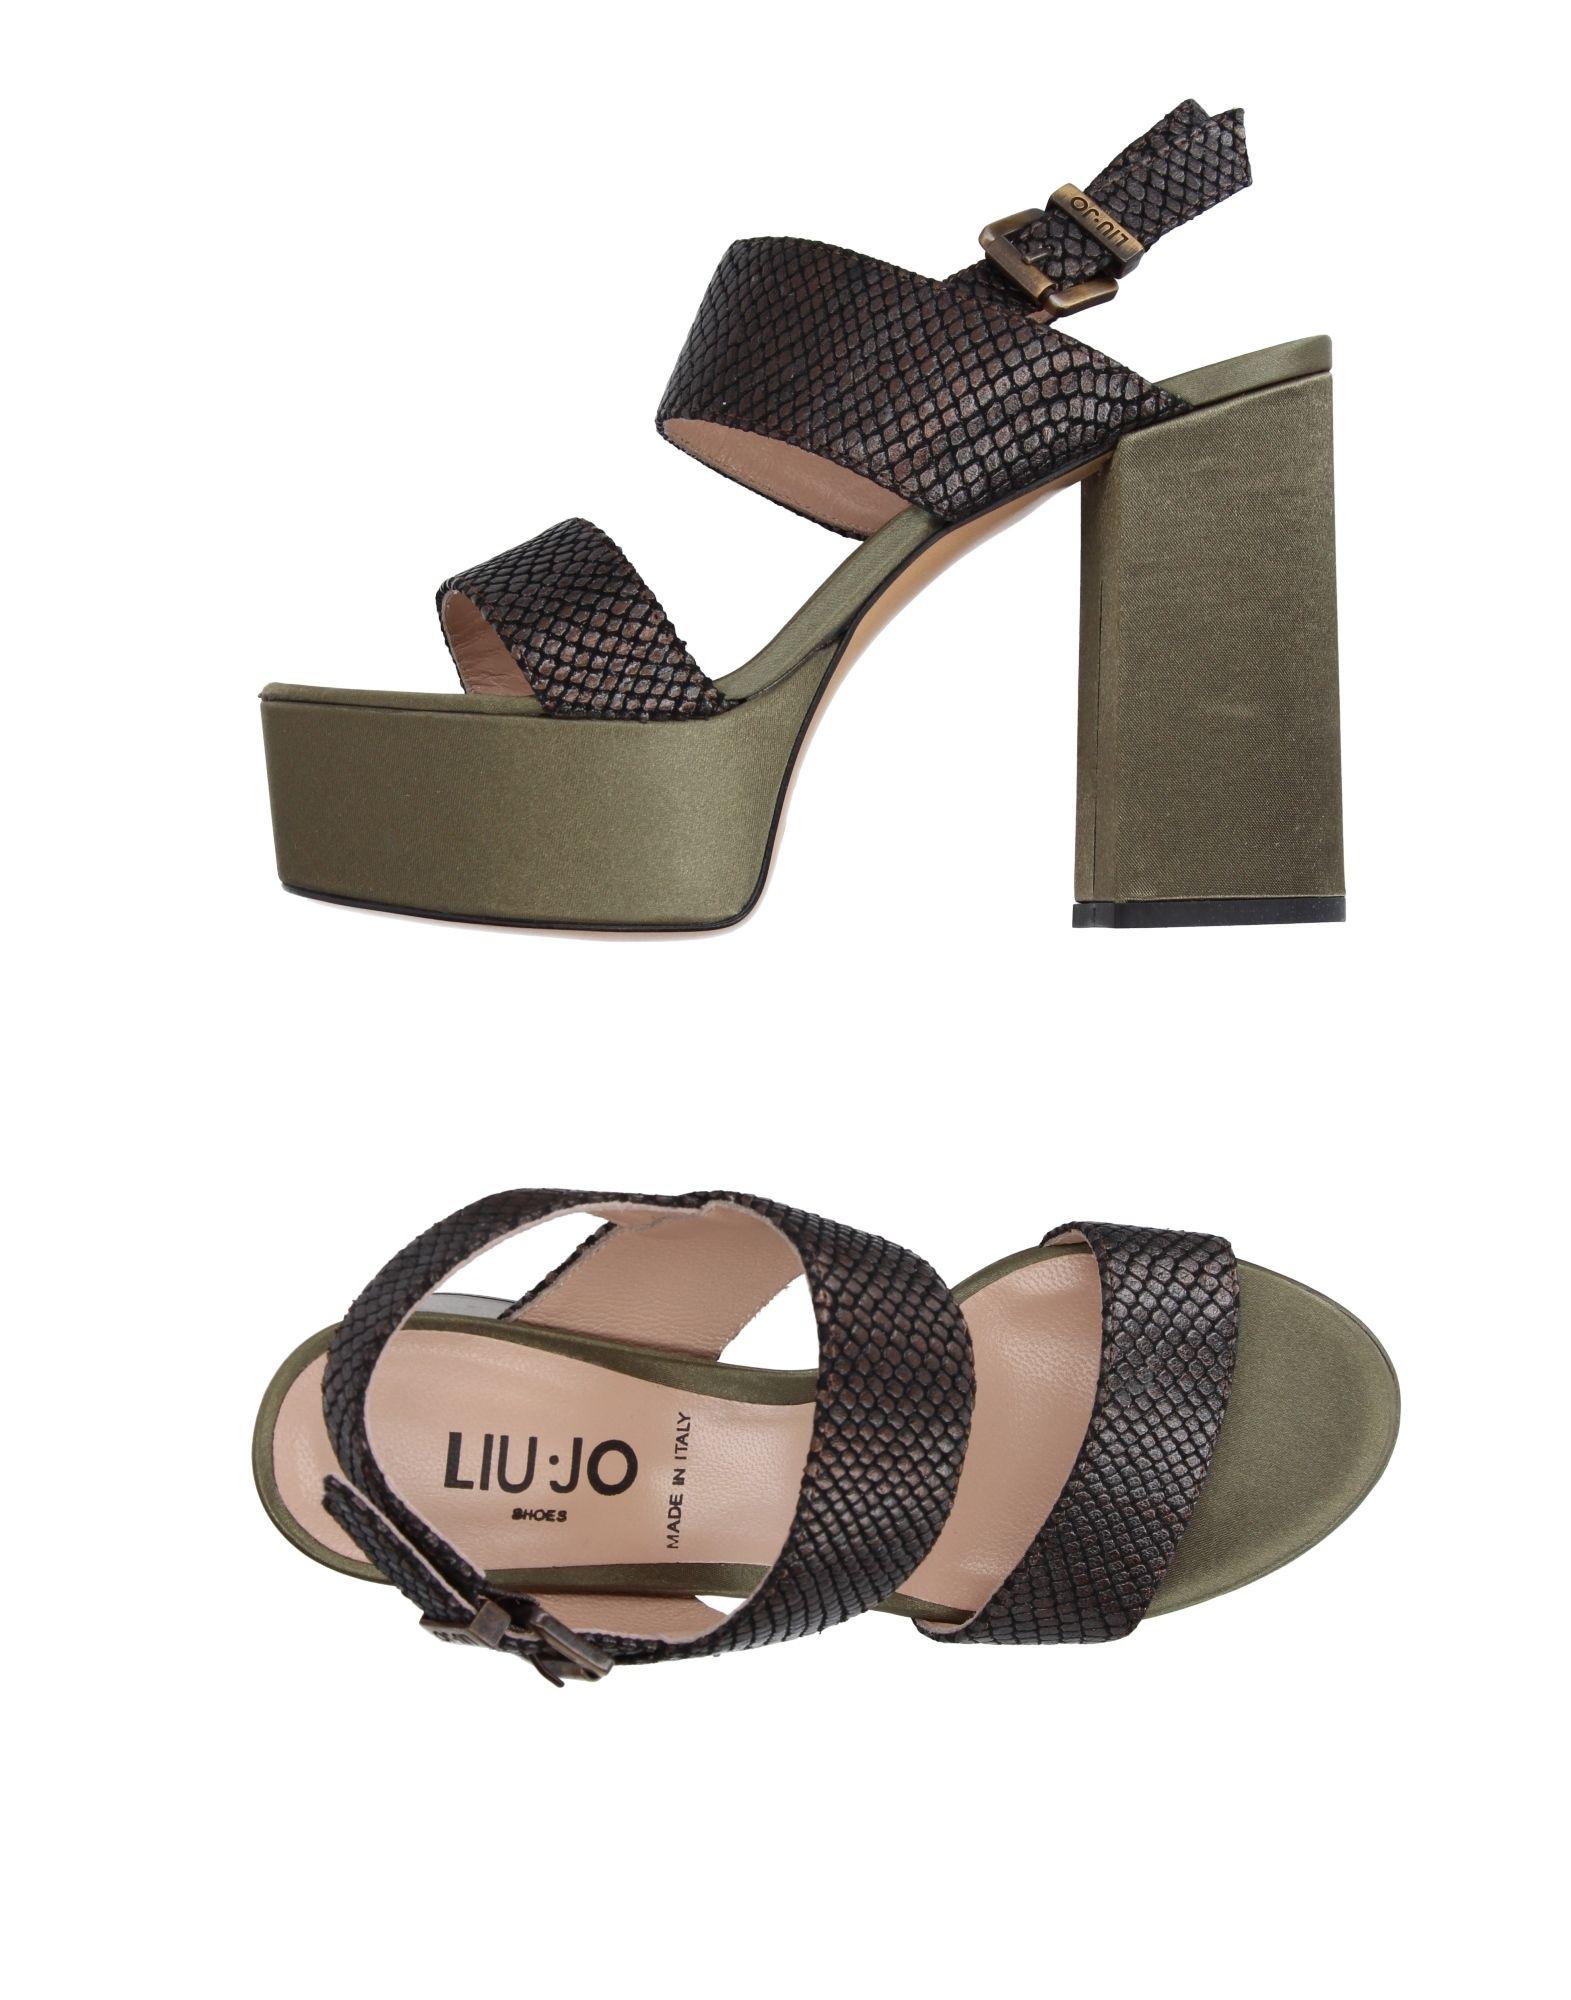 Liu •Jo Shoes Sandalen Damen  11217420QK Gute Qualität beliebte Schuhe